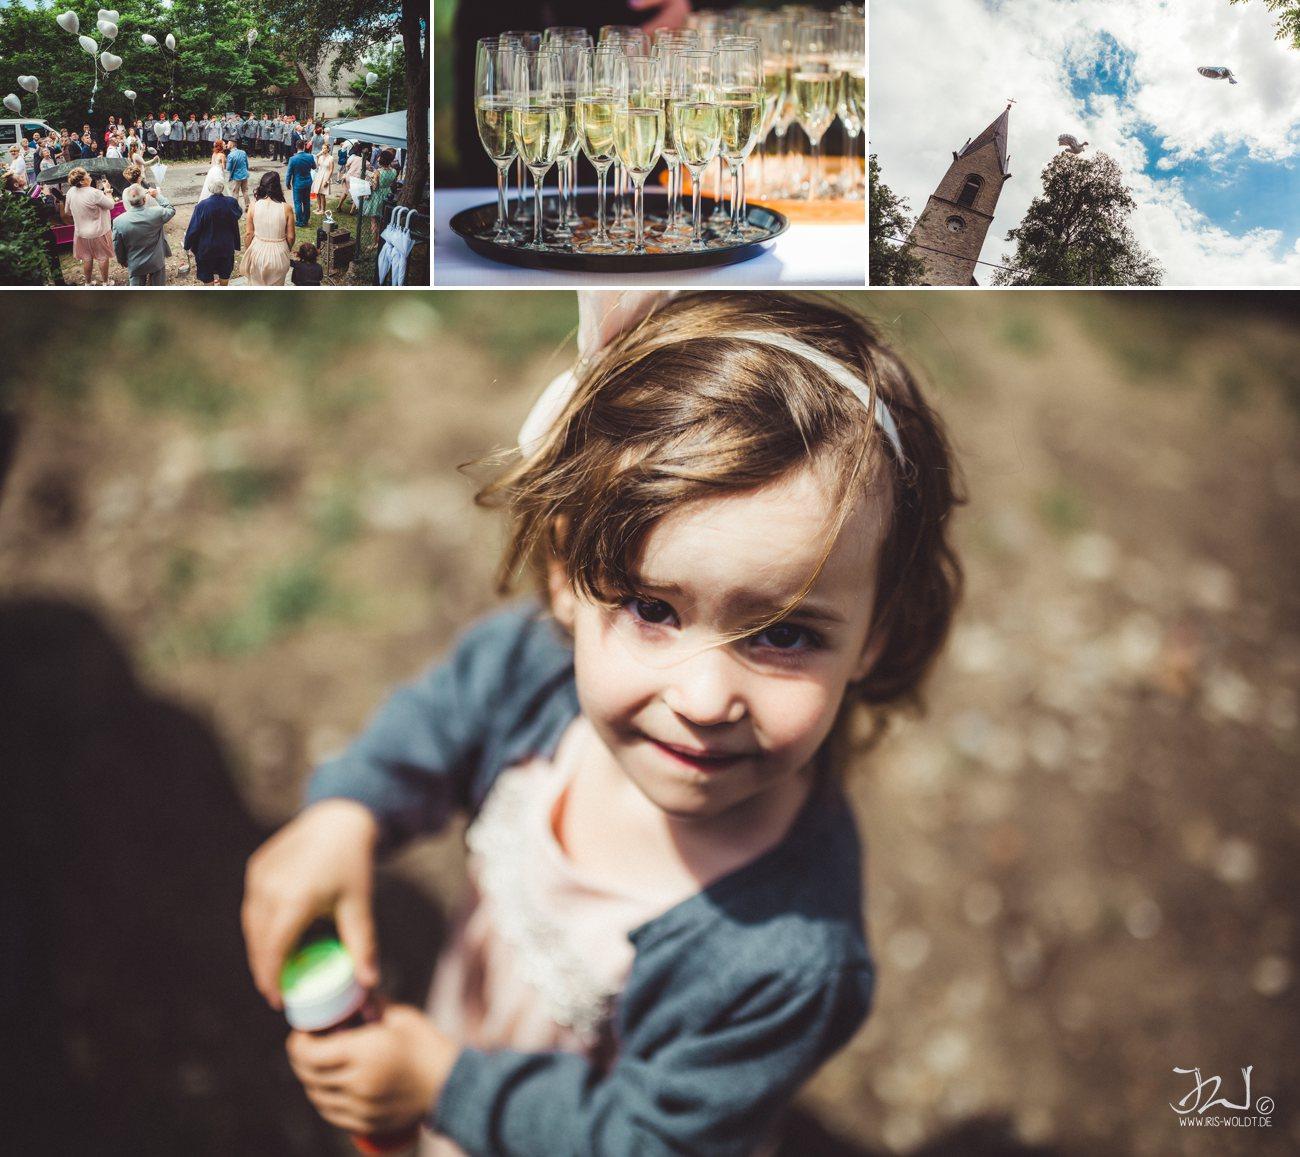 Hochzeitsfotograf_Altthymen_MuehleTornow_IrisWoldt 53